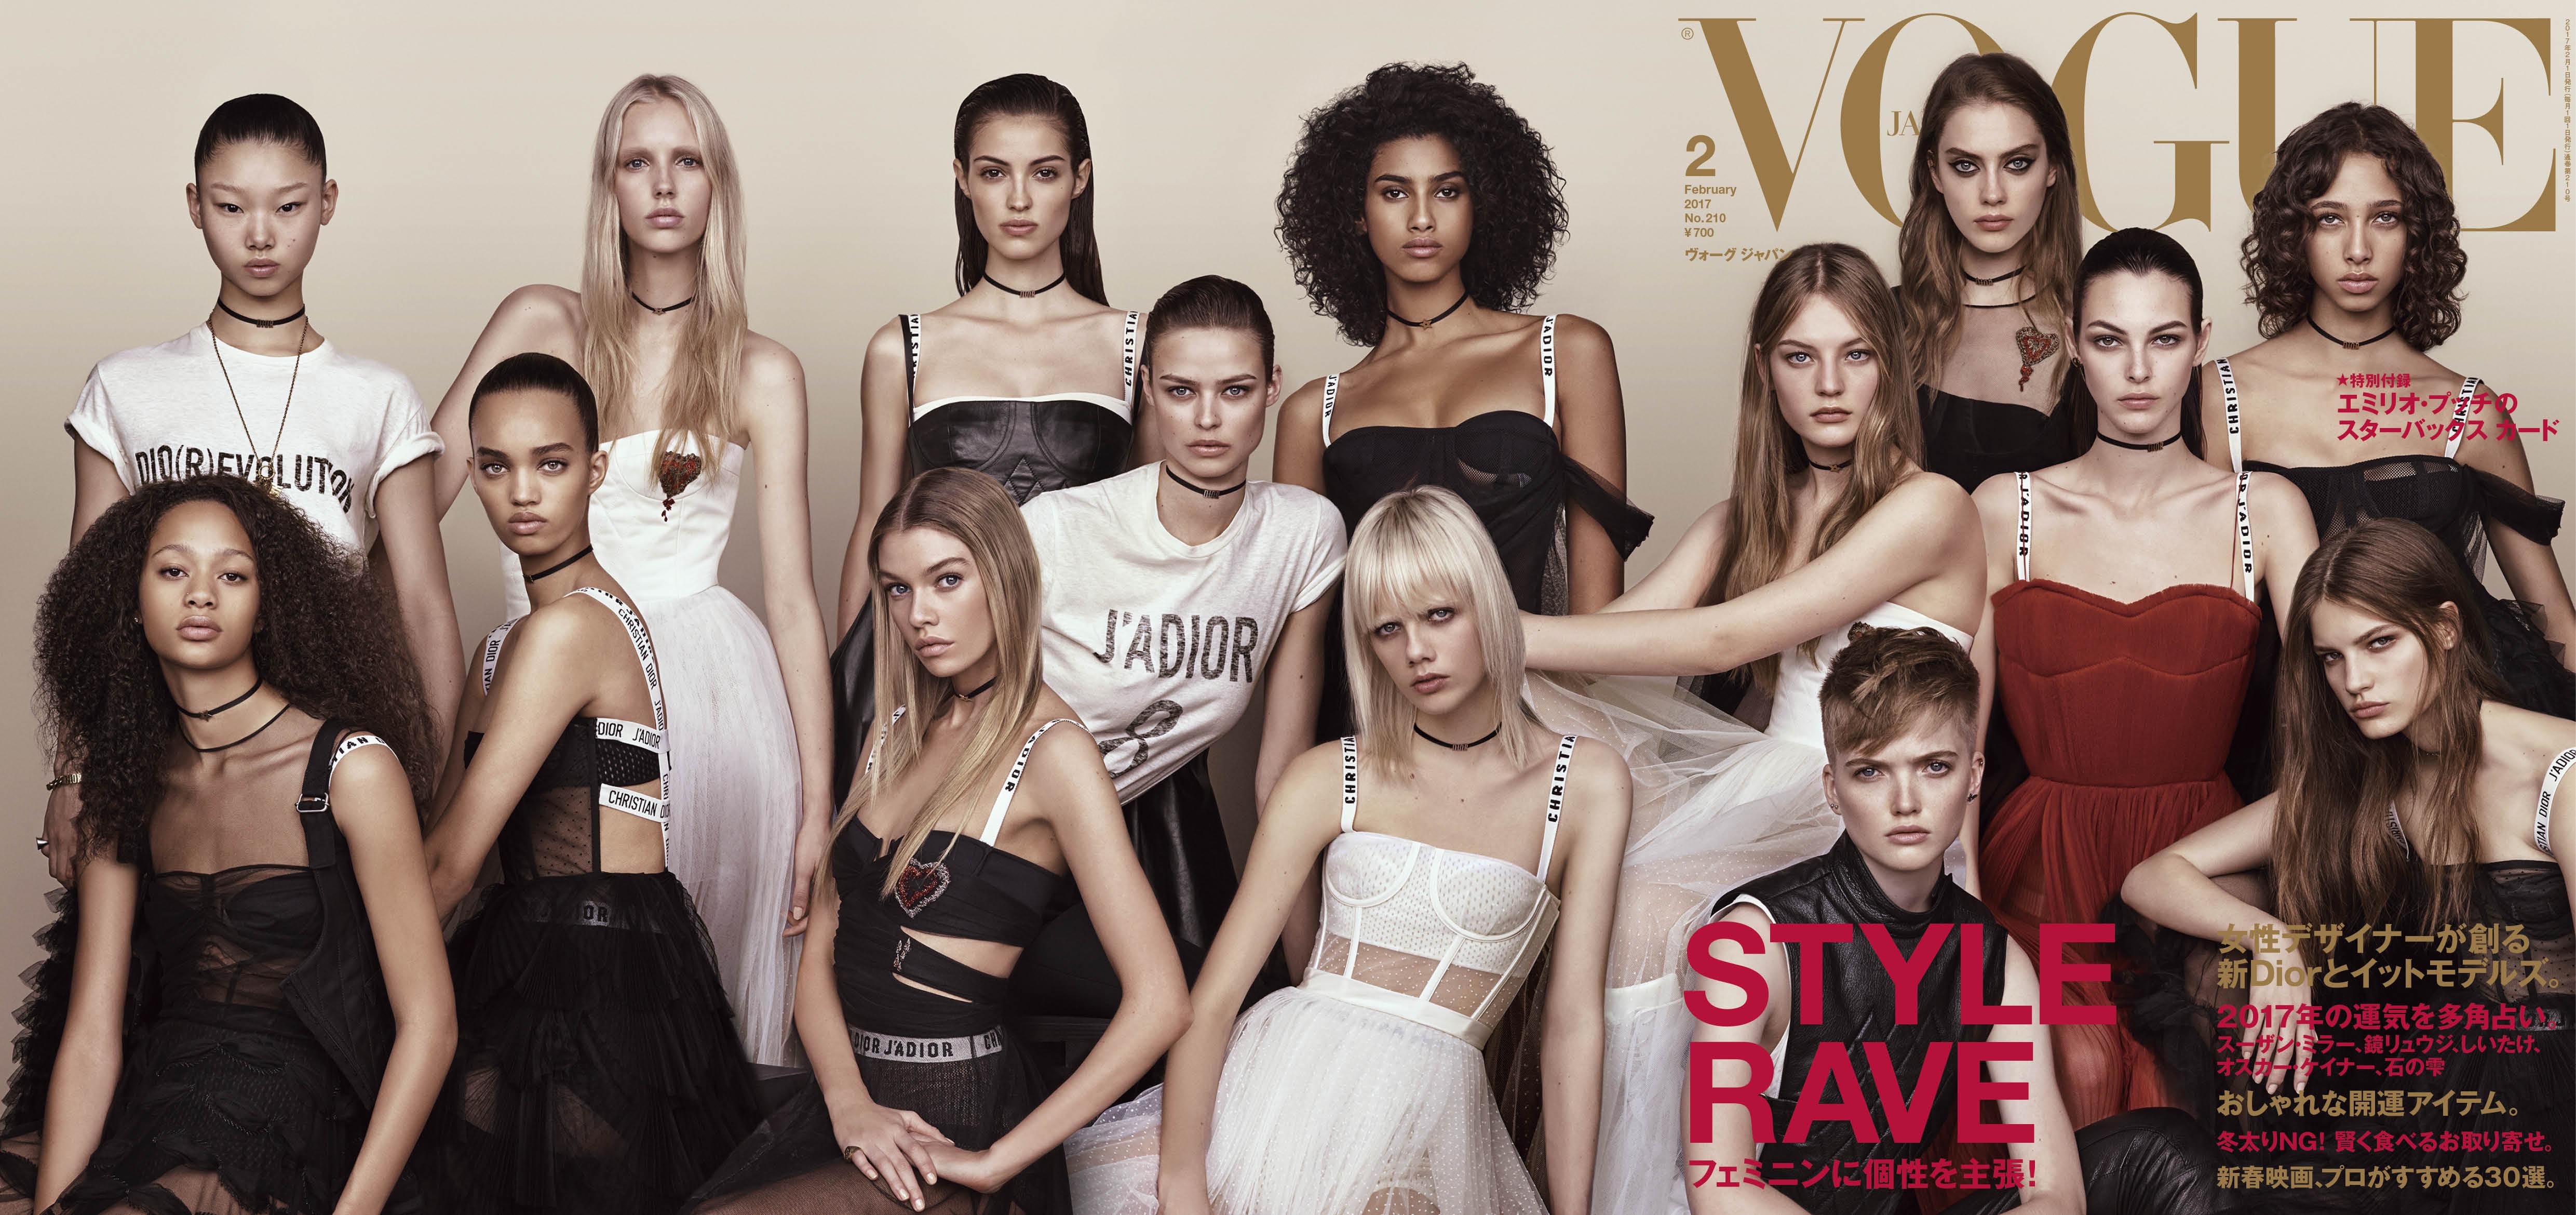 более многие модели онлайн девочки, которым